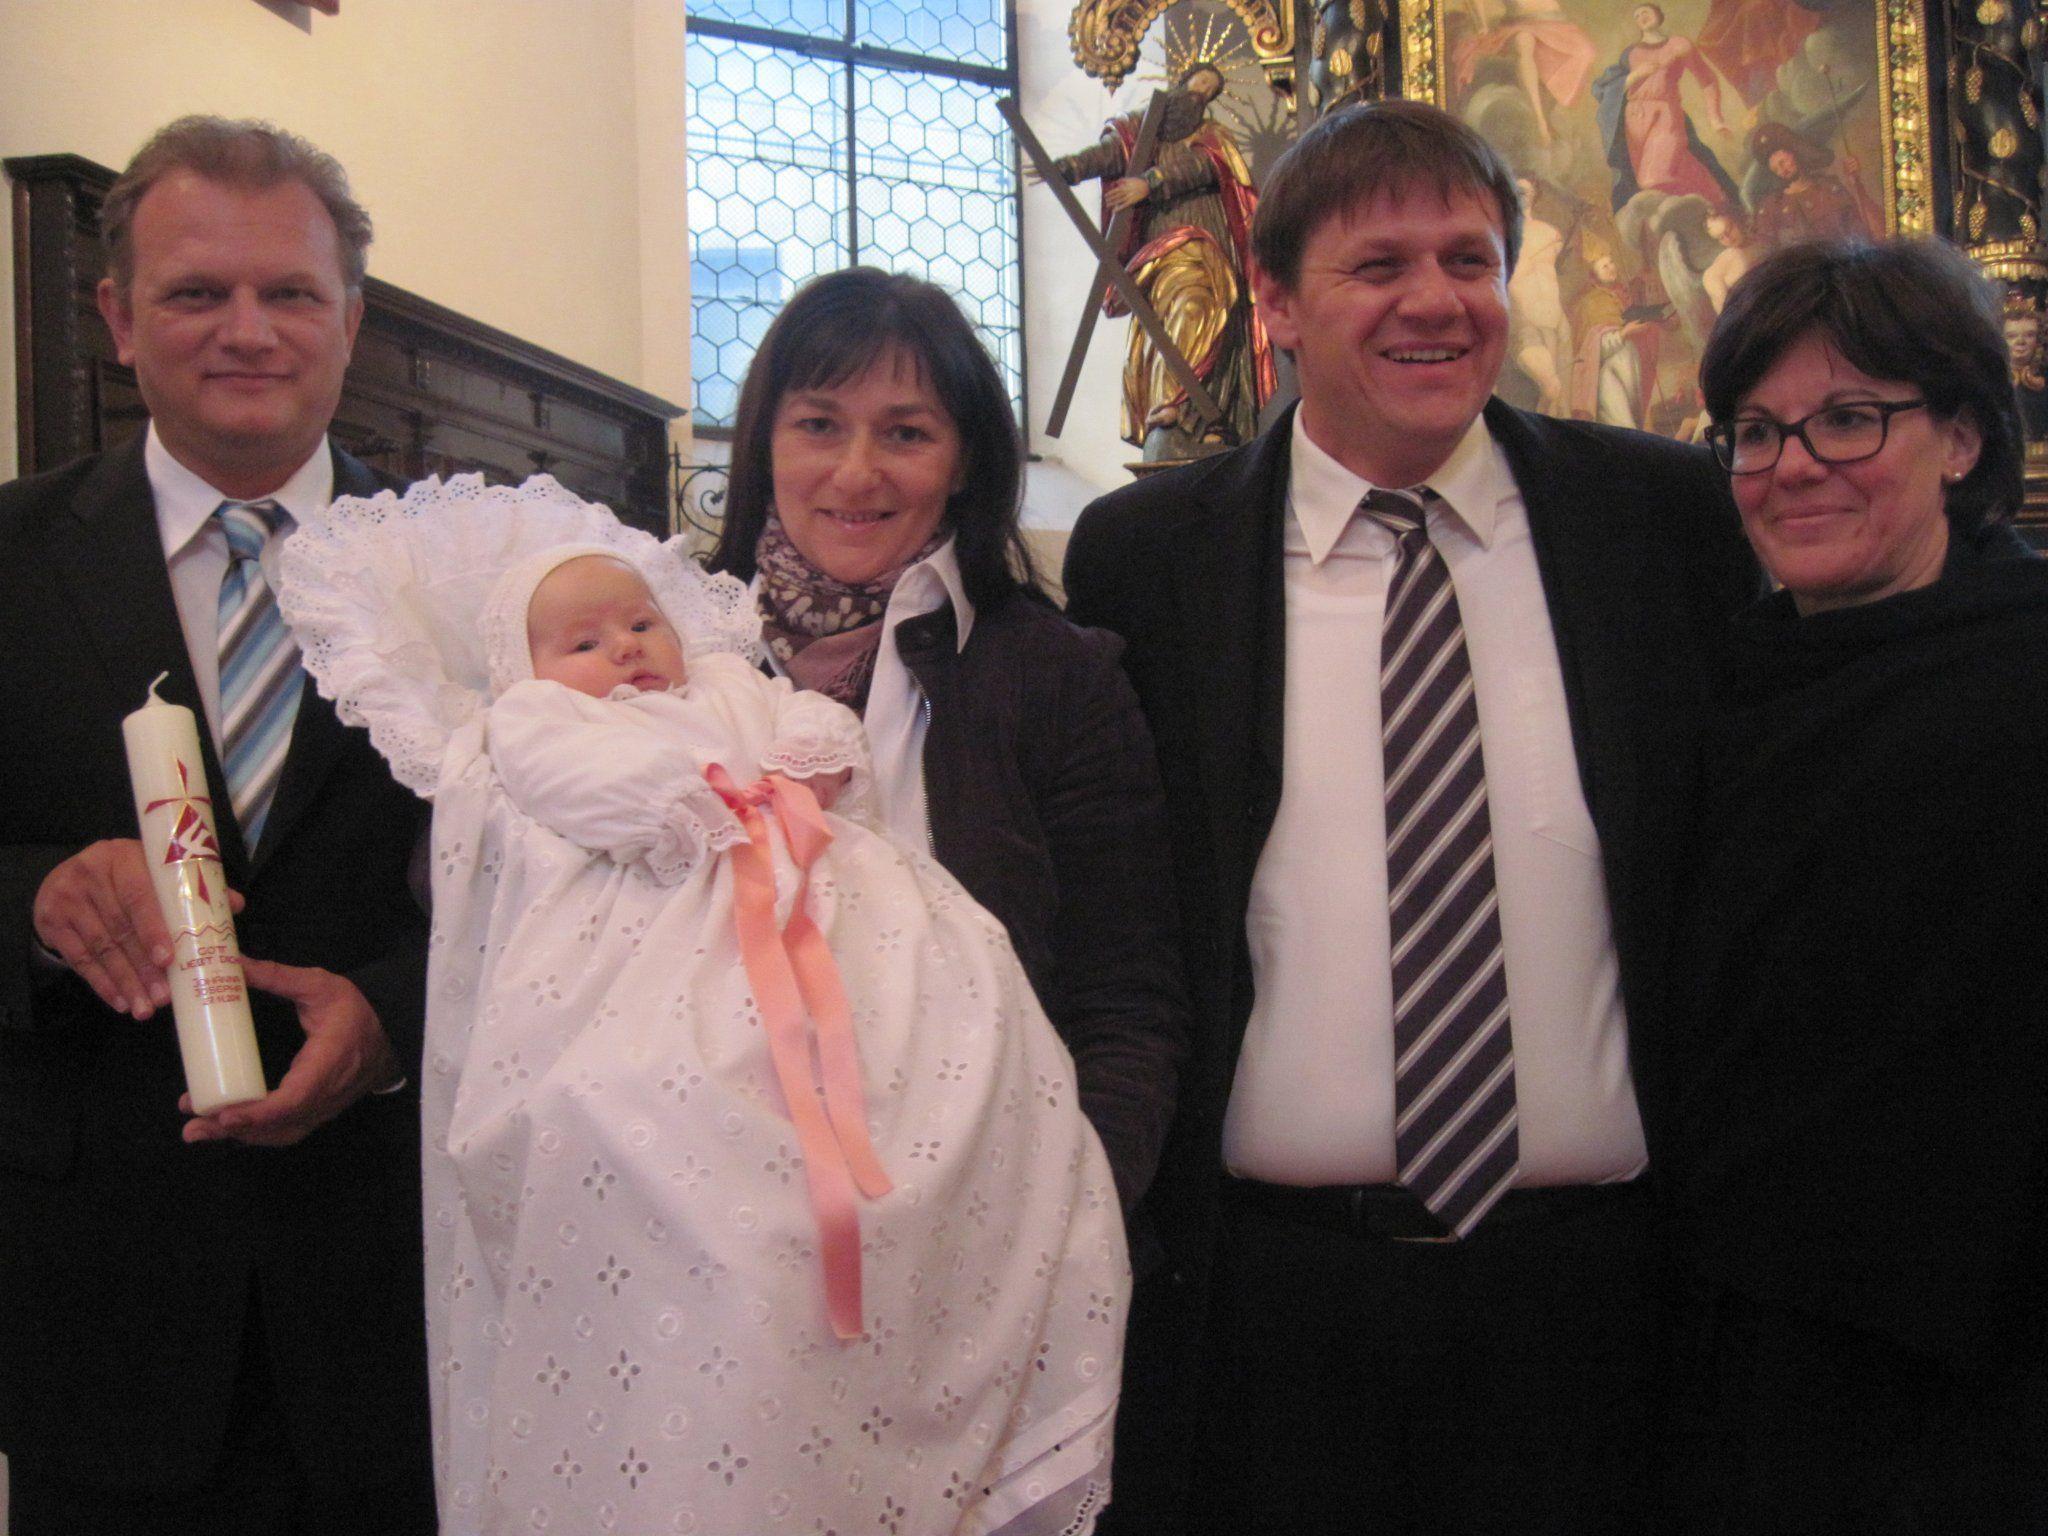 Johanna Josepha wurde in der Dreifalitgkeitskirche getauft